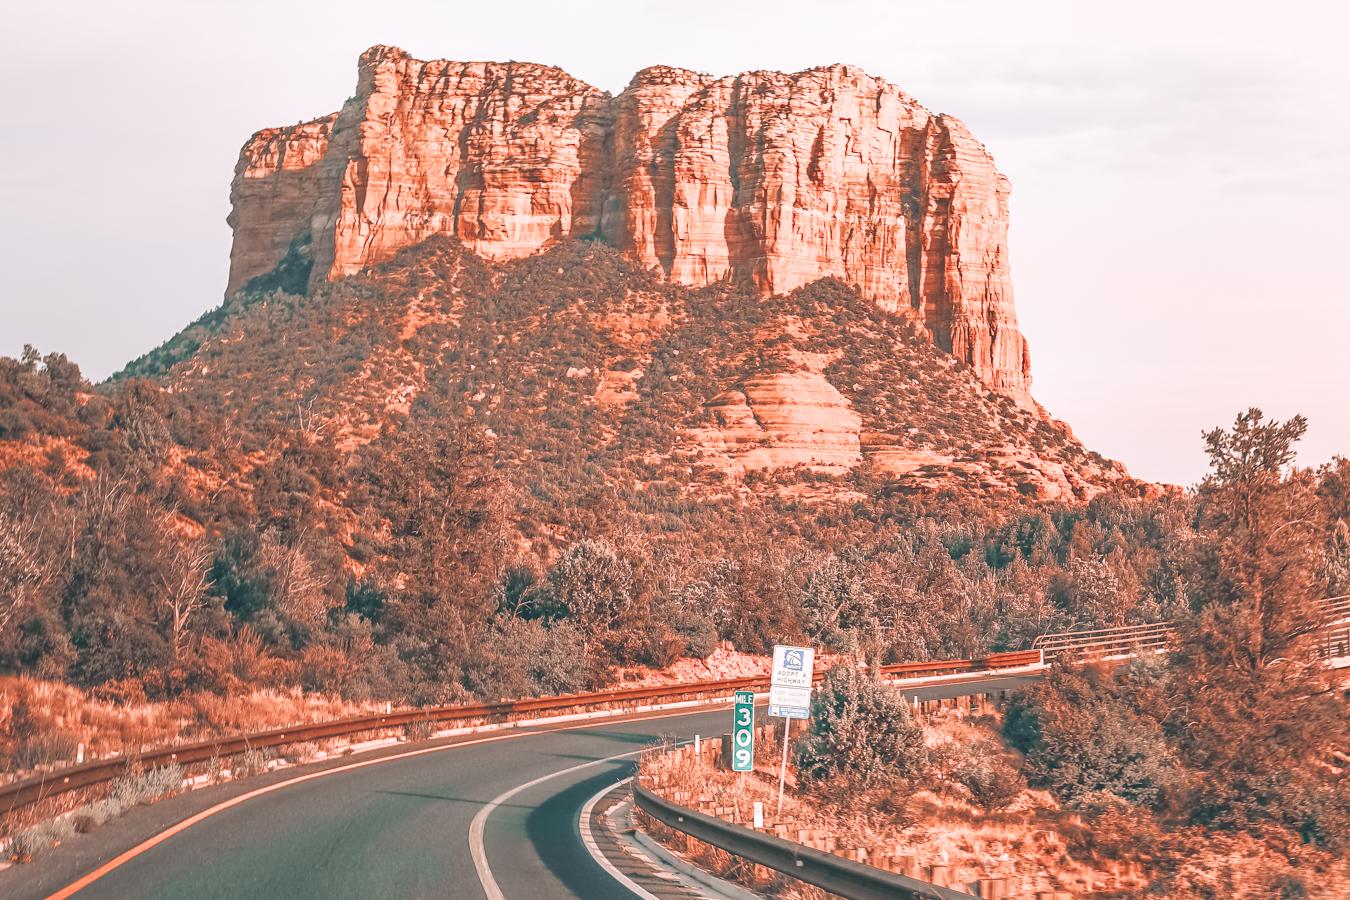 Road in Sedona, Arizona